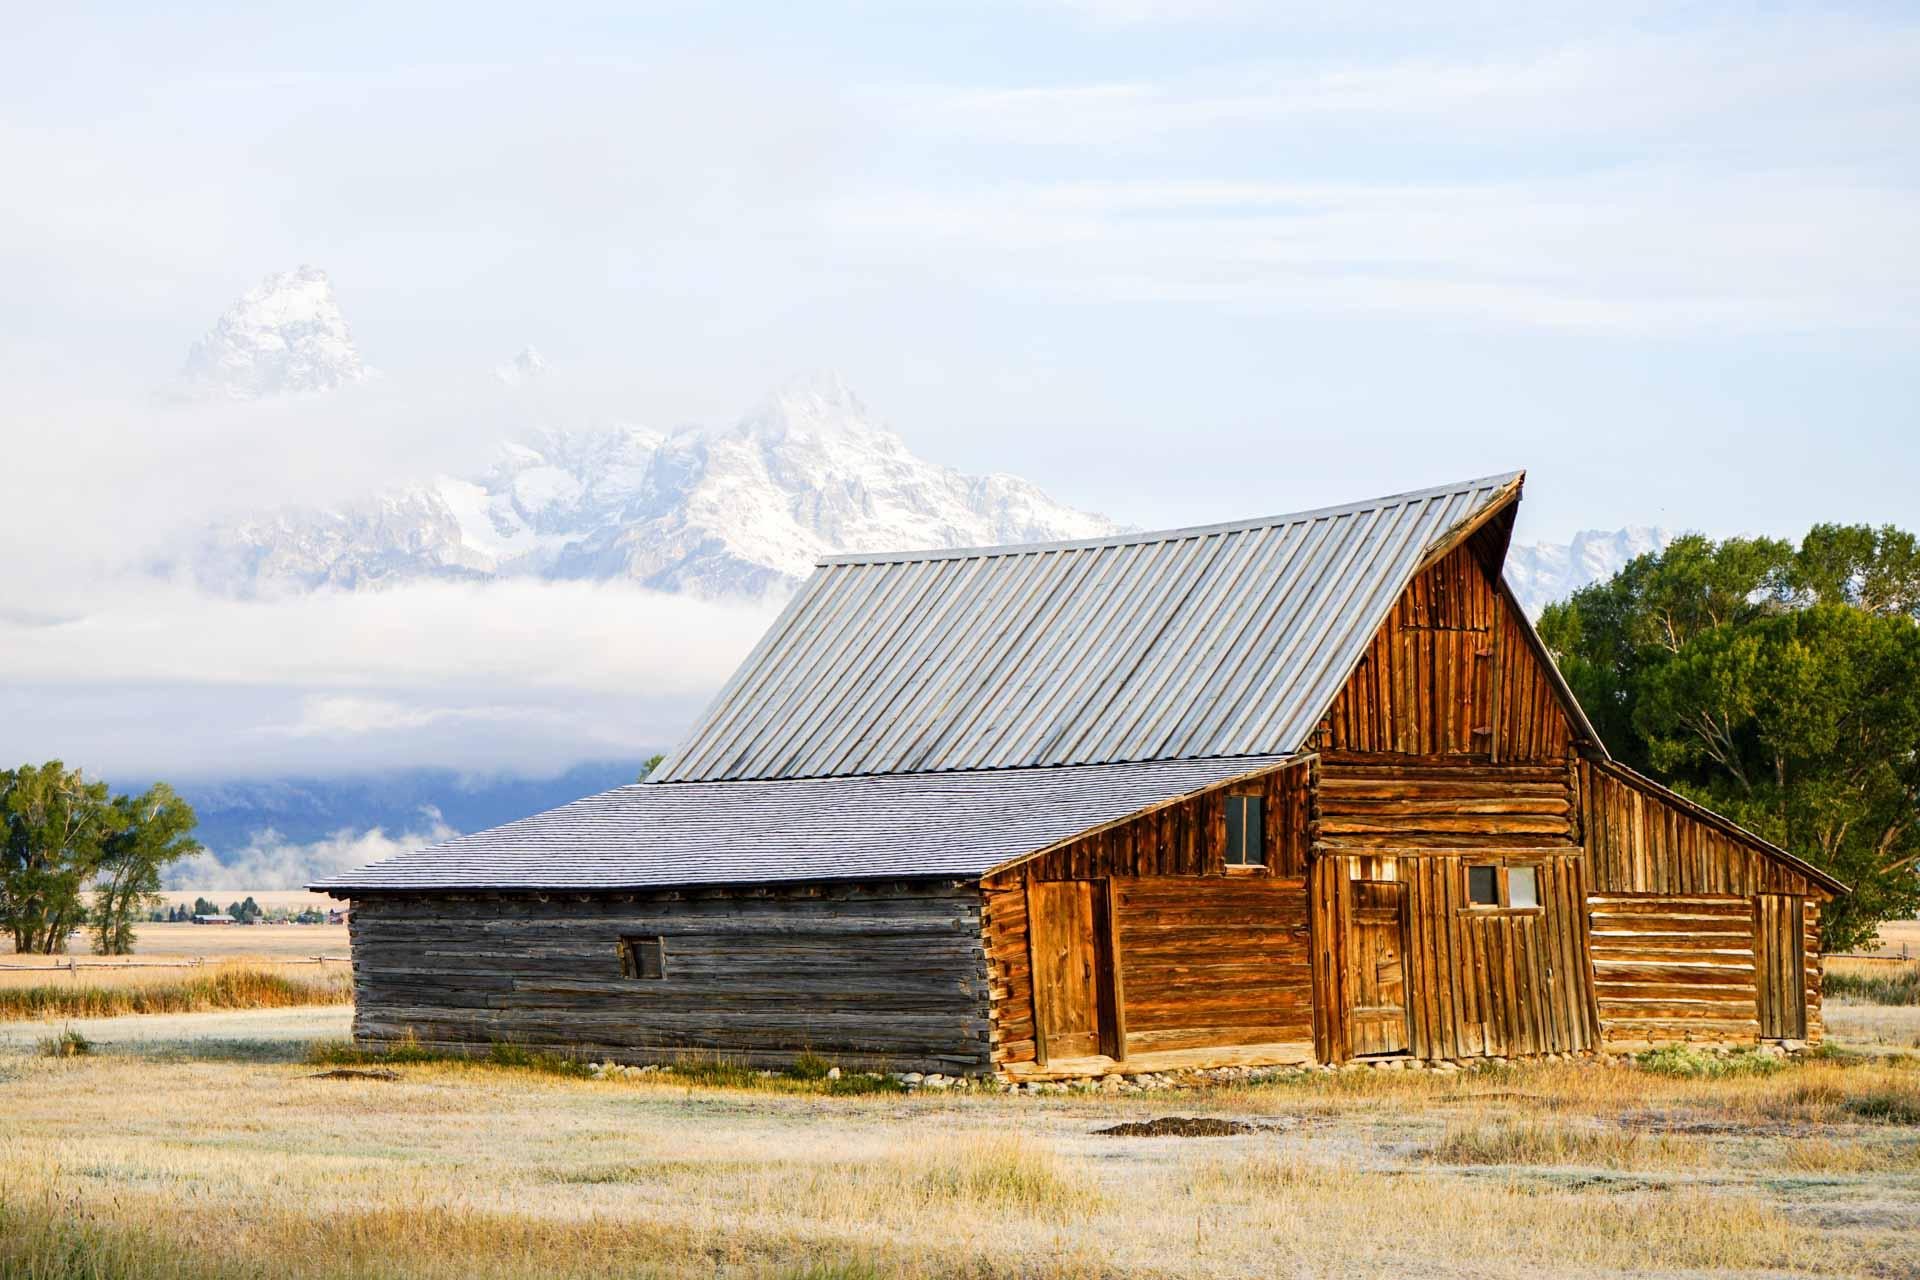 Nettement moins célèbre que son voisin Yellowstone, le Parc national de Grand Teton (Grand Teton National Park en VO) n'en reste pas moins l'un des plus beaux de l'Ouest américain et l'un des 10 plus visités du pays. Plongée au cœur d'un parc à la nature spectaculaire.